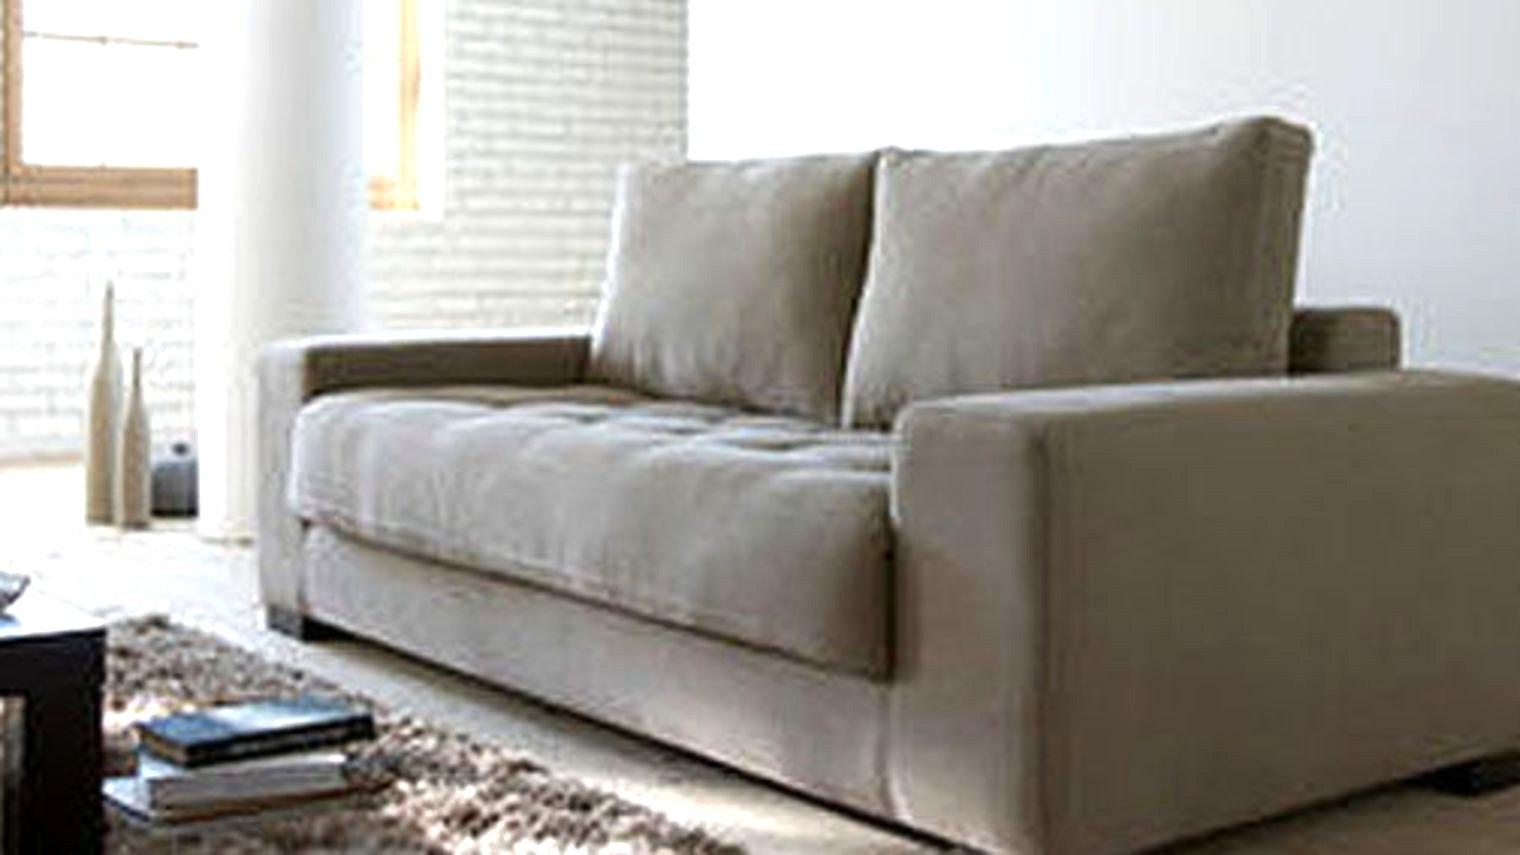 Canapé Italien Direct Usine Impressionnant Photos Les 27 Meilleur Canapé Cuir Mobilier De France Image